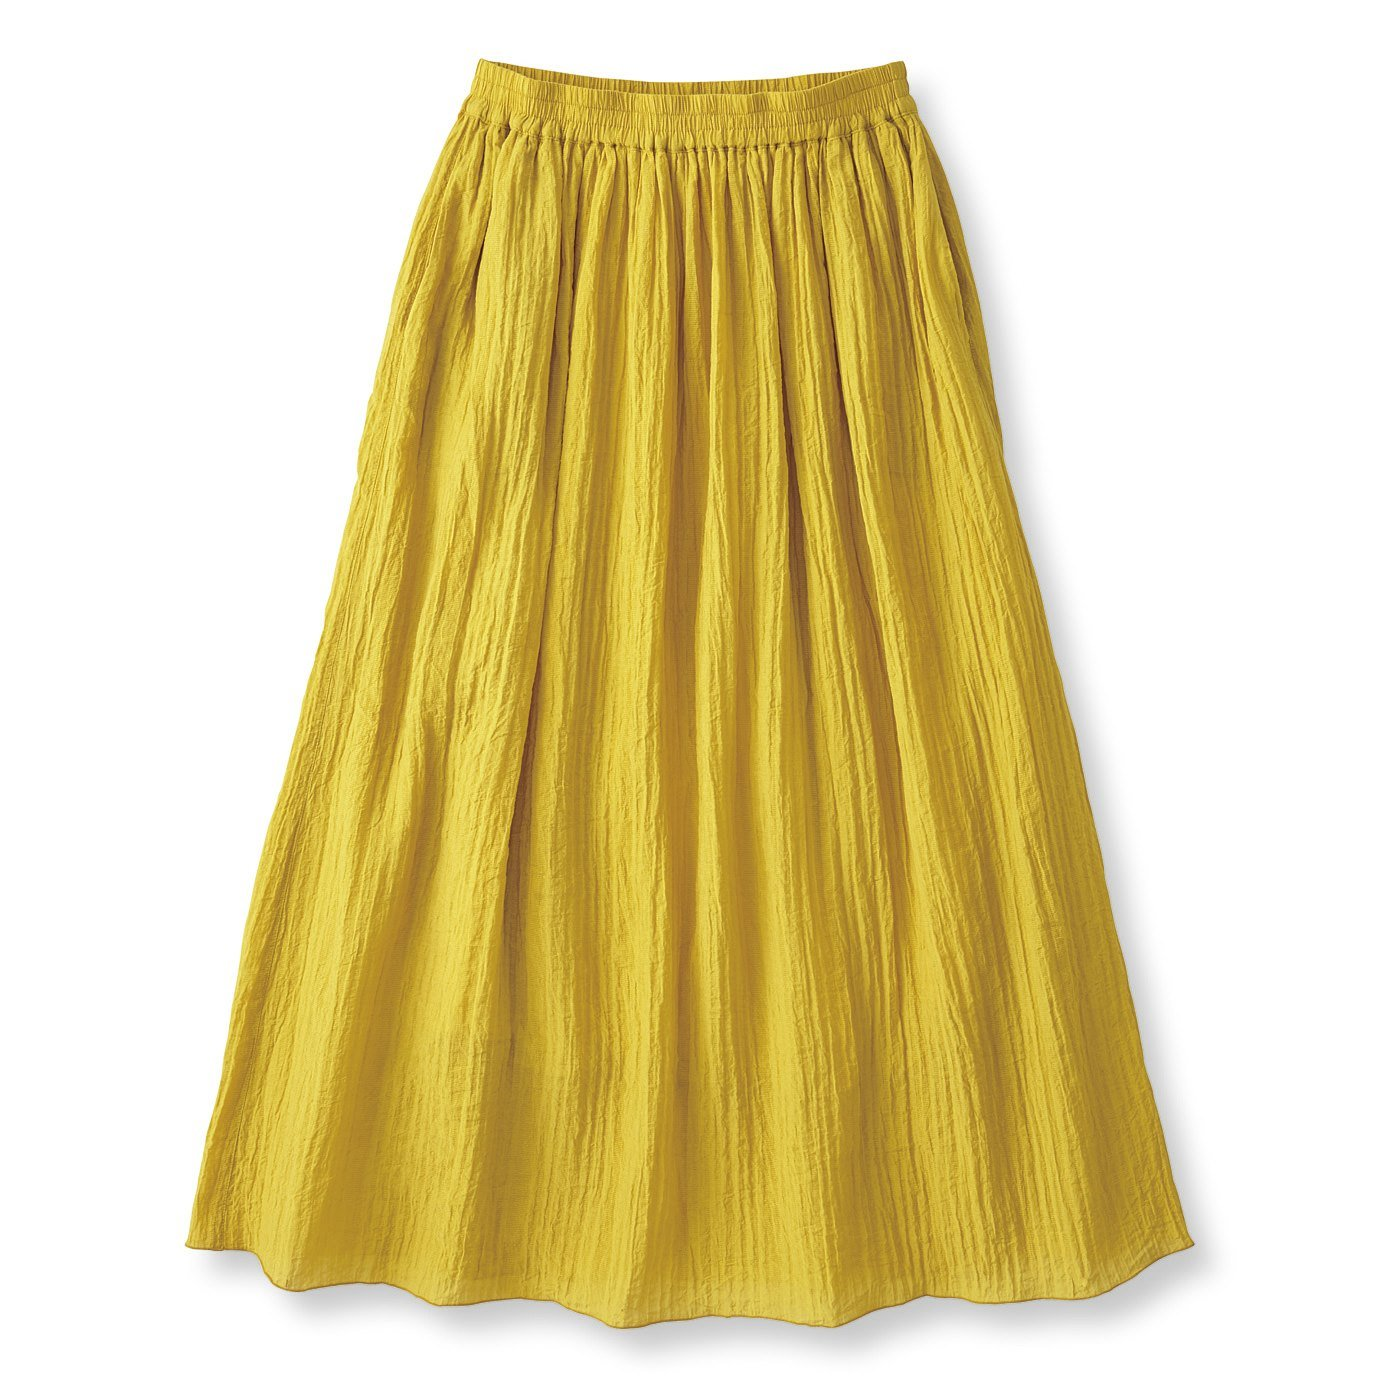 フラウグラット さらり華やか涼しい 大人の楊柳(ようりゅう)ロングスカート〈マスタード〉